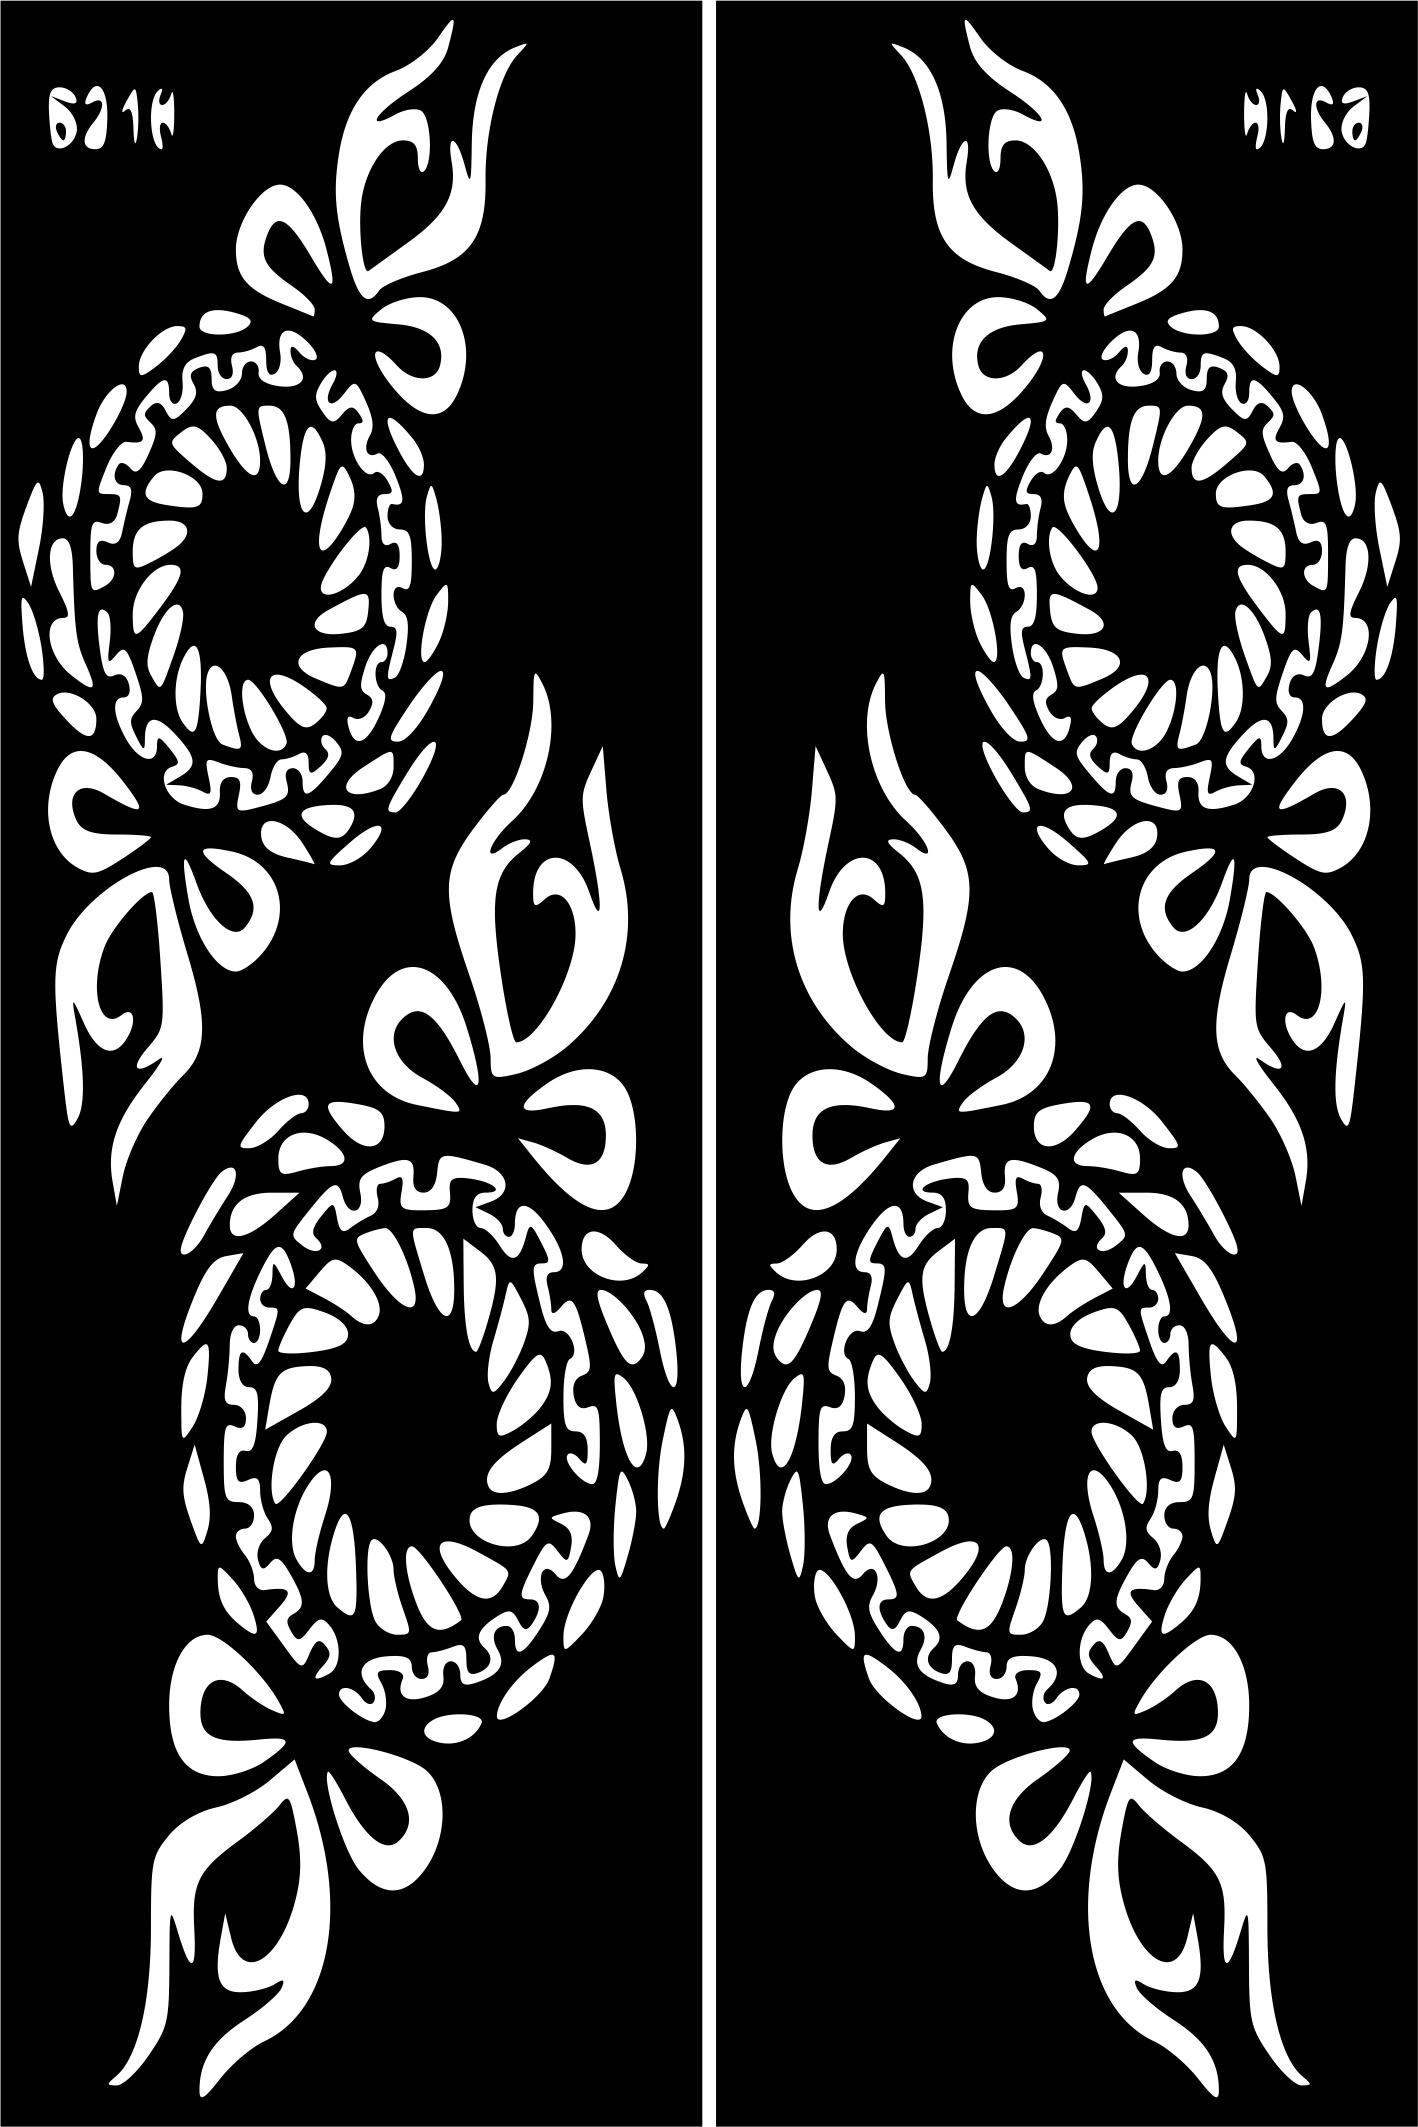 Henna Temporary Tattoo Body Art Sticker Stencil Sticker